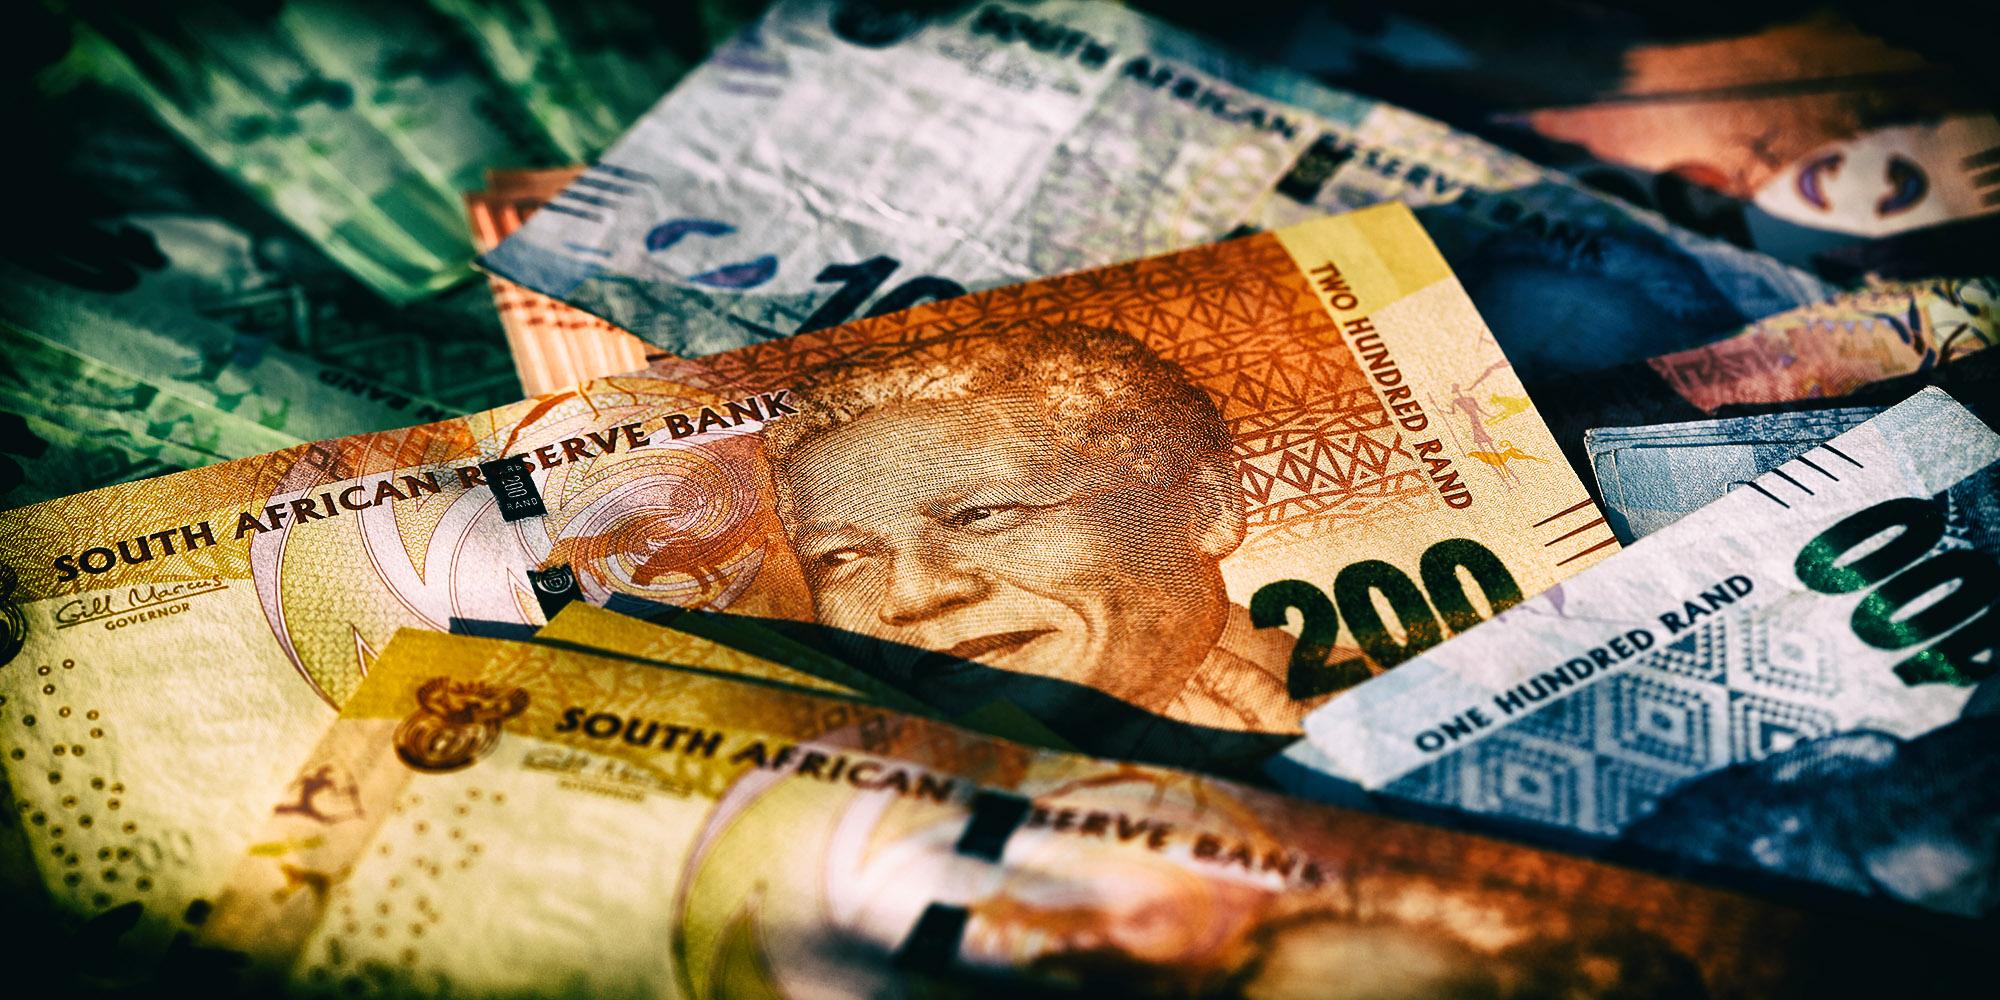 Sasbo se staatsgreep-PR-staatsgreep: hoe sal die vakbond dit gebruik? - Daily Maverick